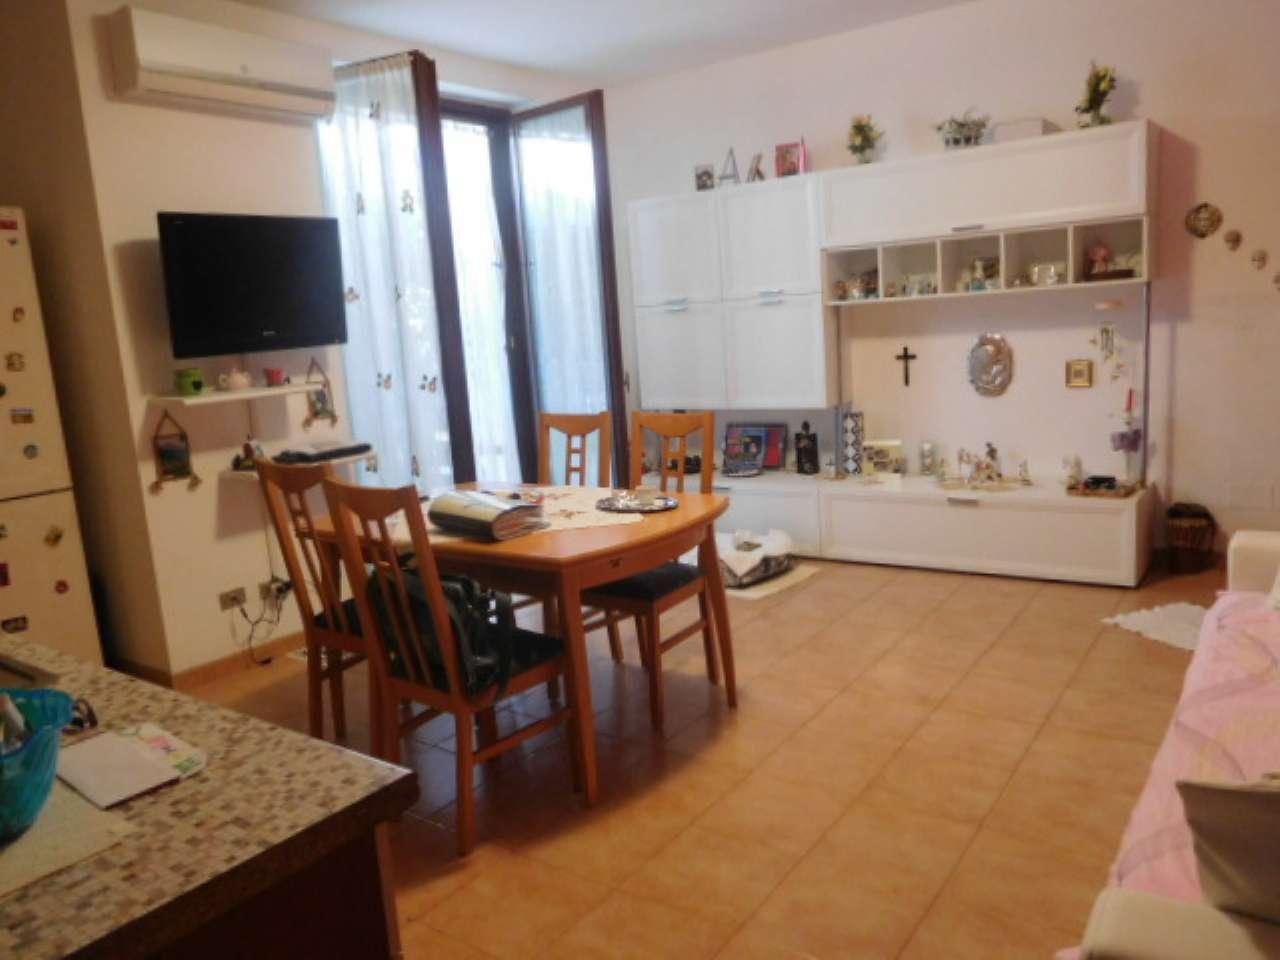 Appartamento in vendita a Marcignago, 3 locali, prezzo € 115.000 | CambioCasa.it